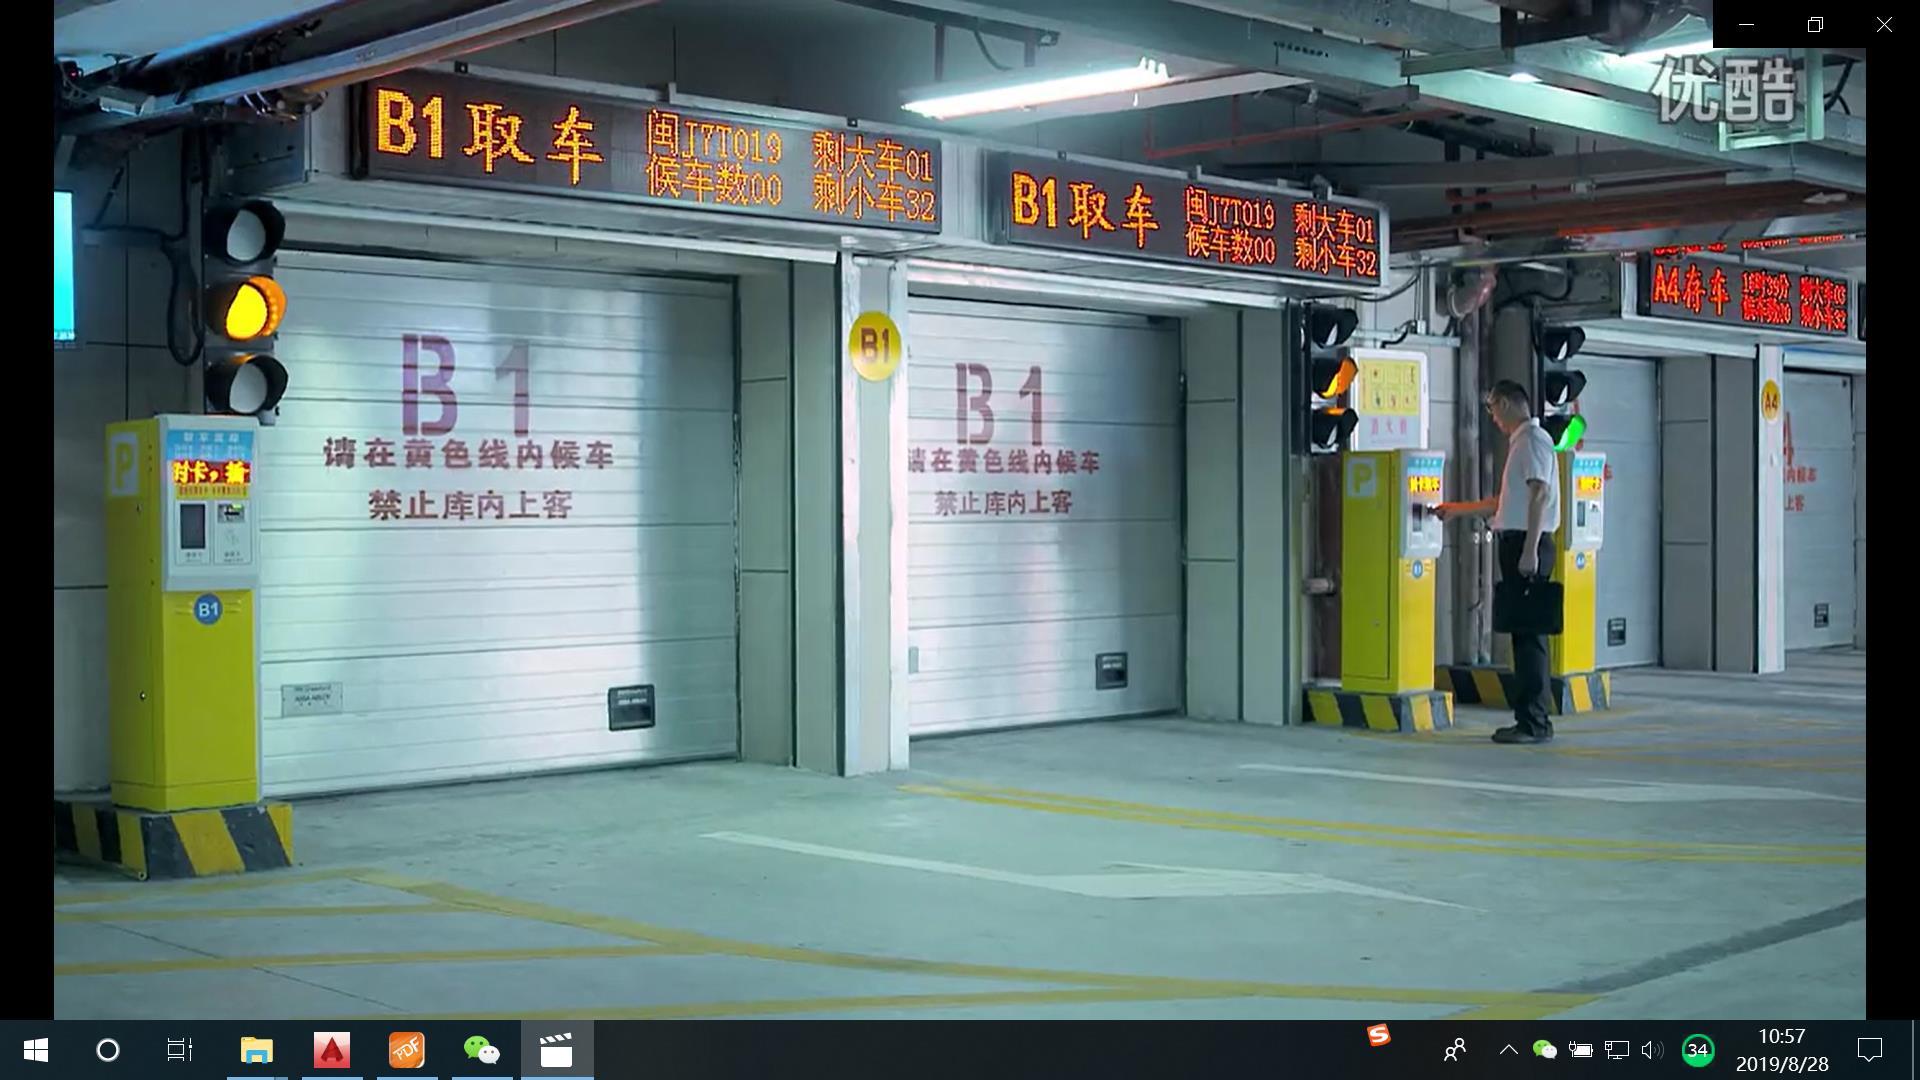 吴忠二次开发LED屏厂家